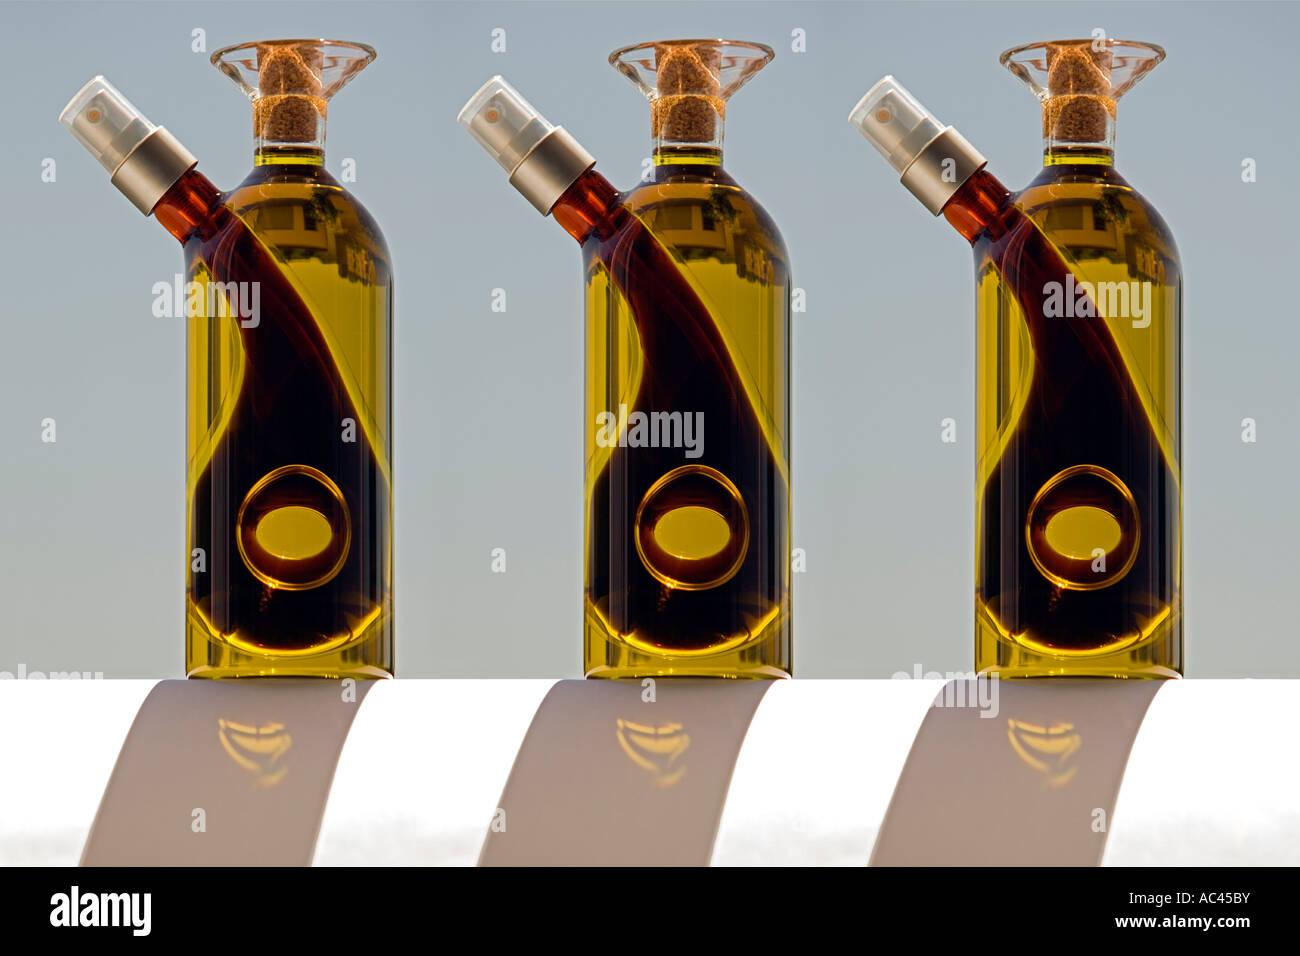 Une ligne de trois burettes en verre soufflé. Alignement de trois sets huilier et vinaigrier en verre soufflé. Photo Stock